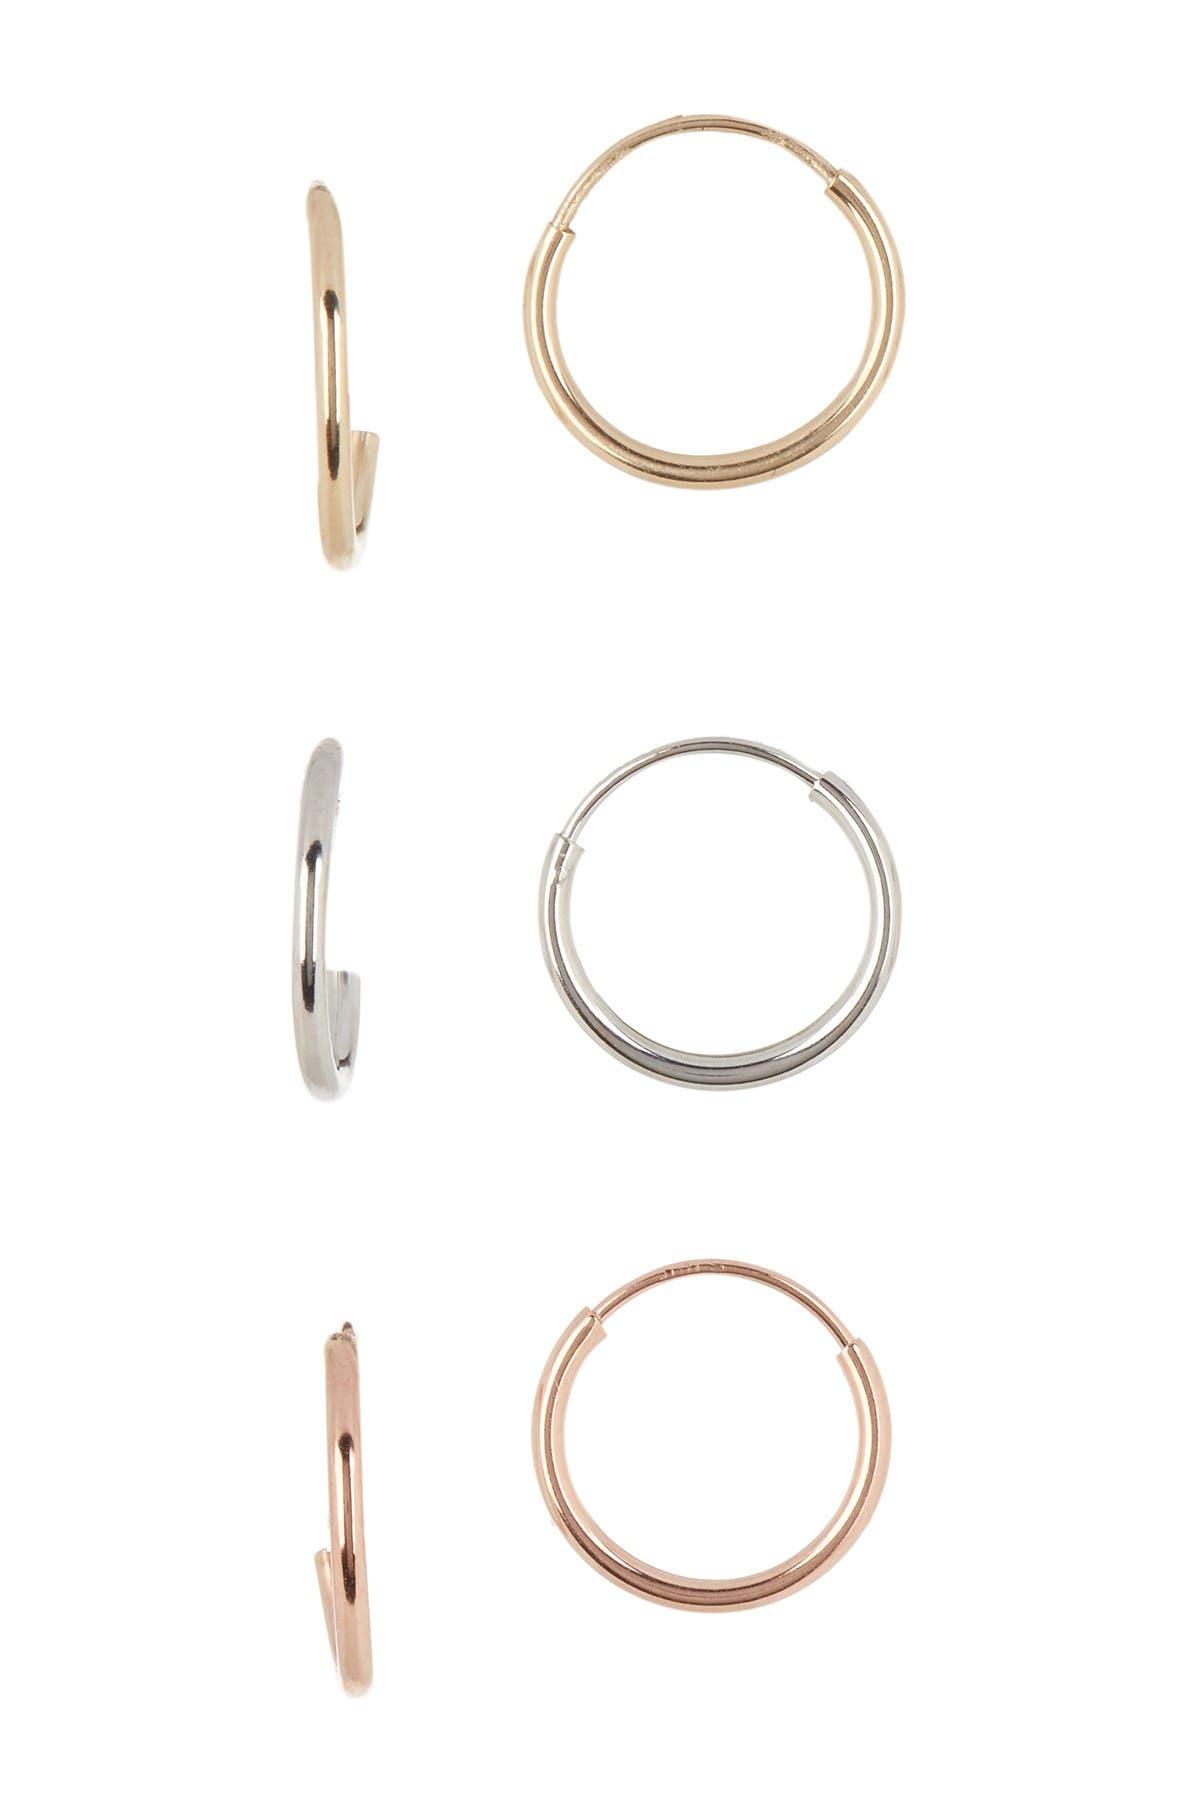 Image of Candela 14K Gold Tri-Color 10mm Endless Hoop Earrings Set